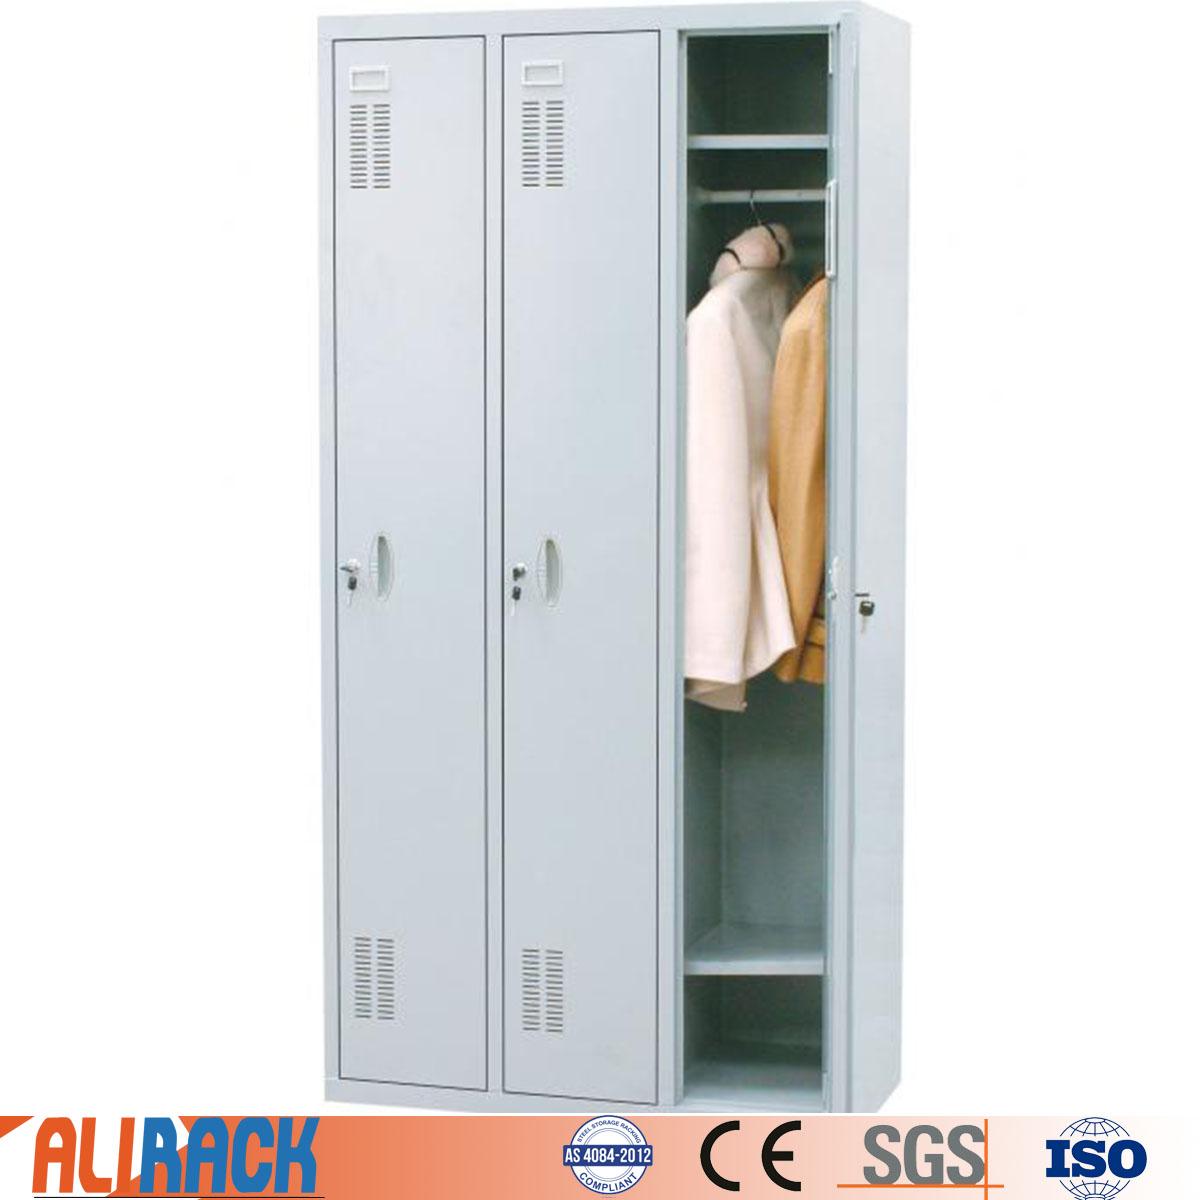 ALI RACKING Office Metal Cabinet Furniture Steel Gym Changing Room Steel Locker